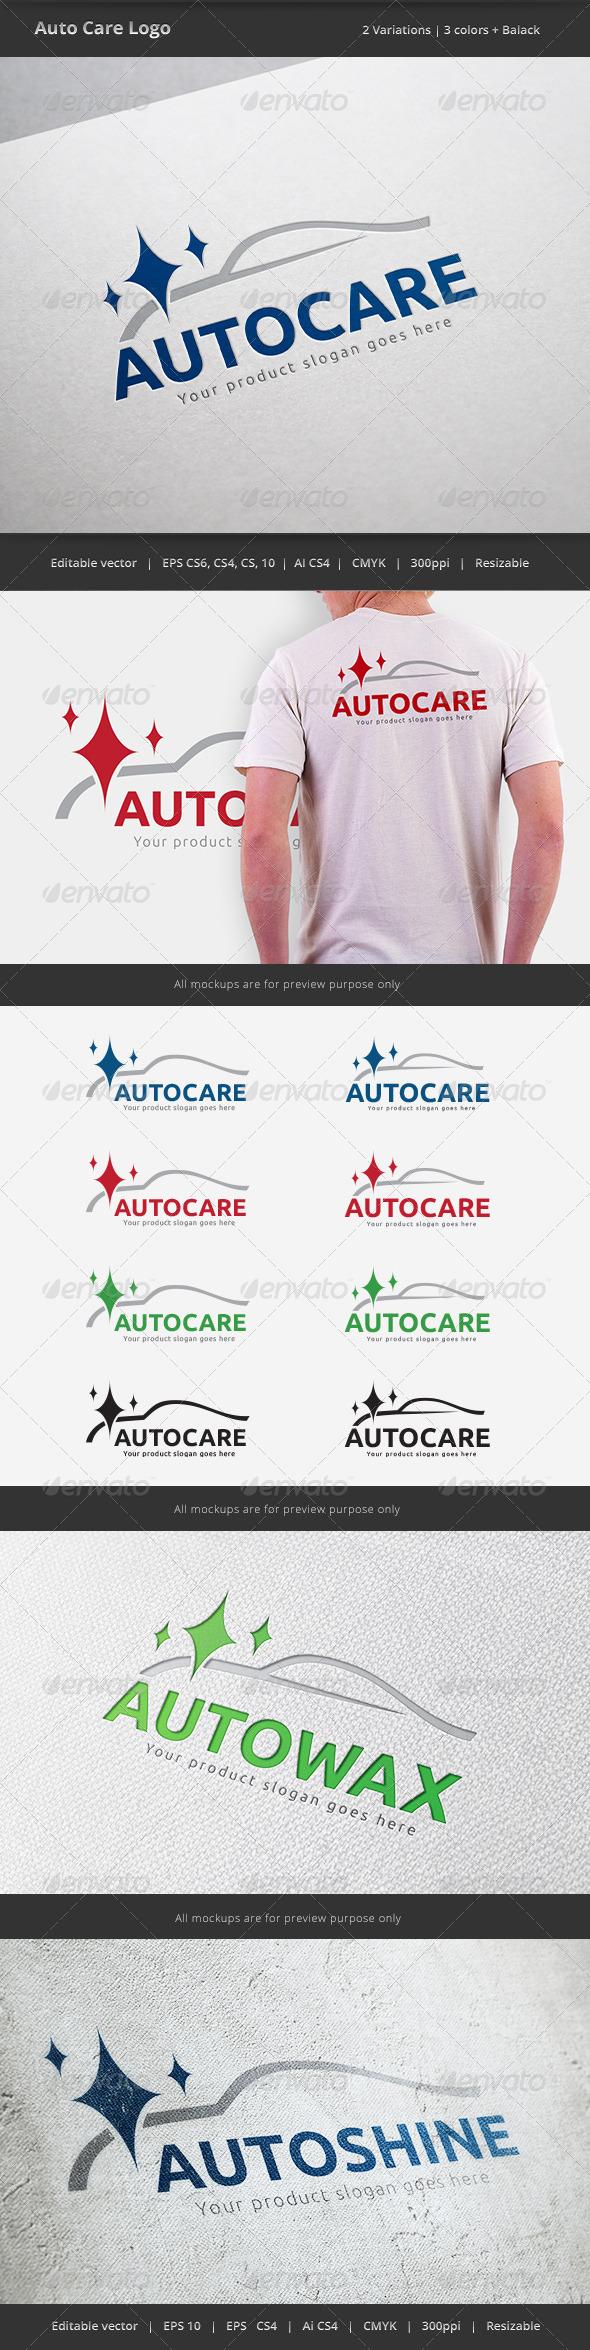 Auto Car Care Logo